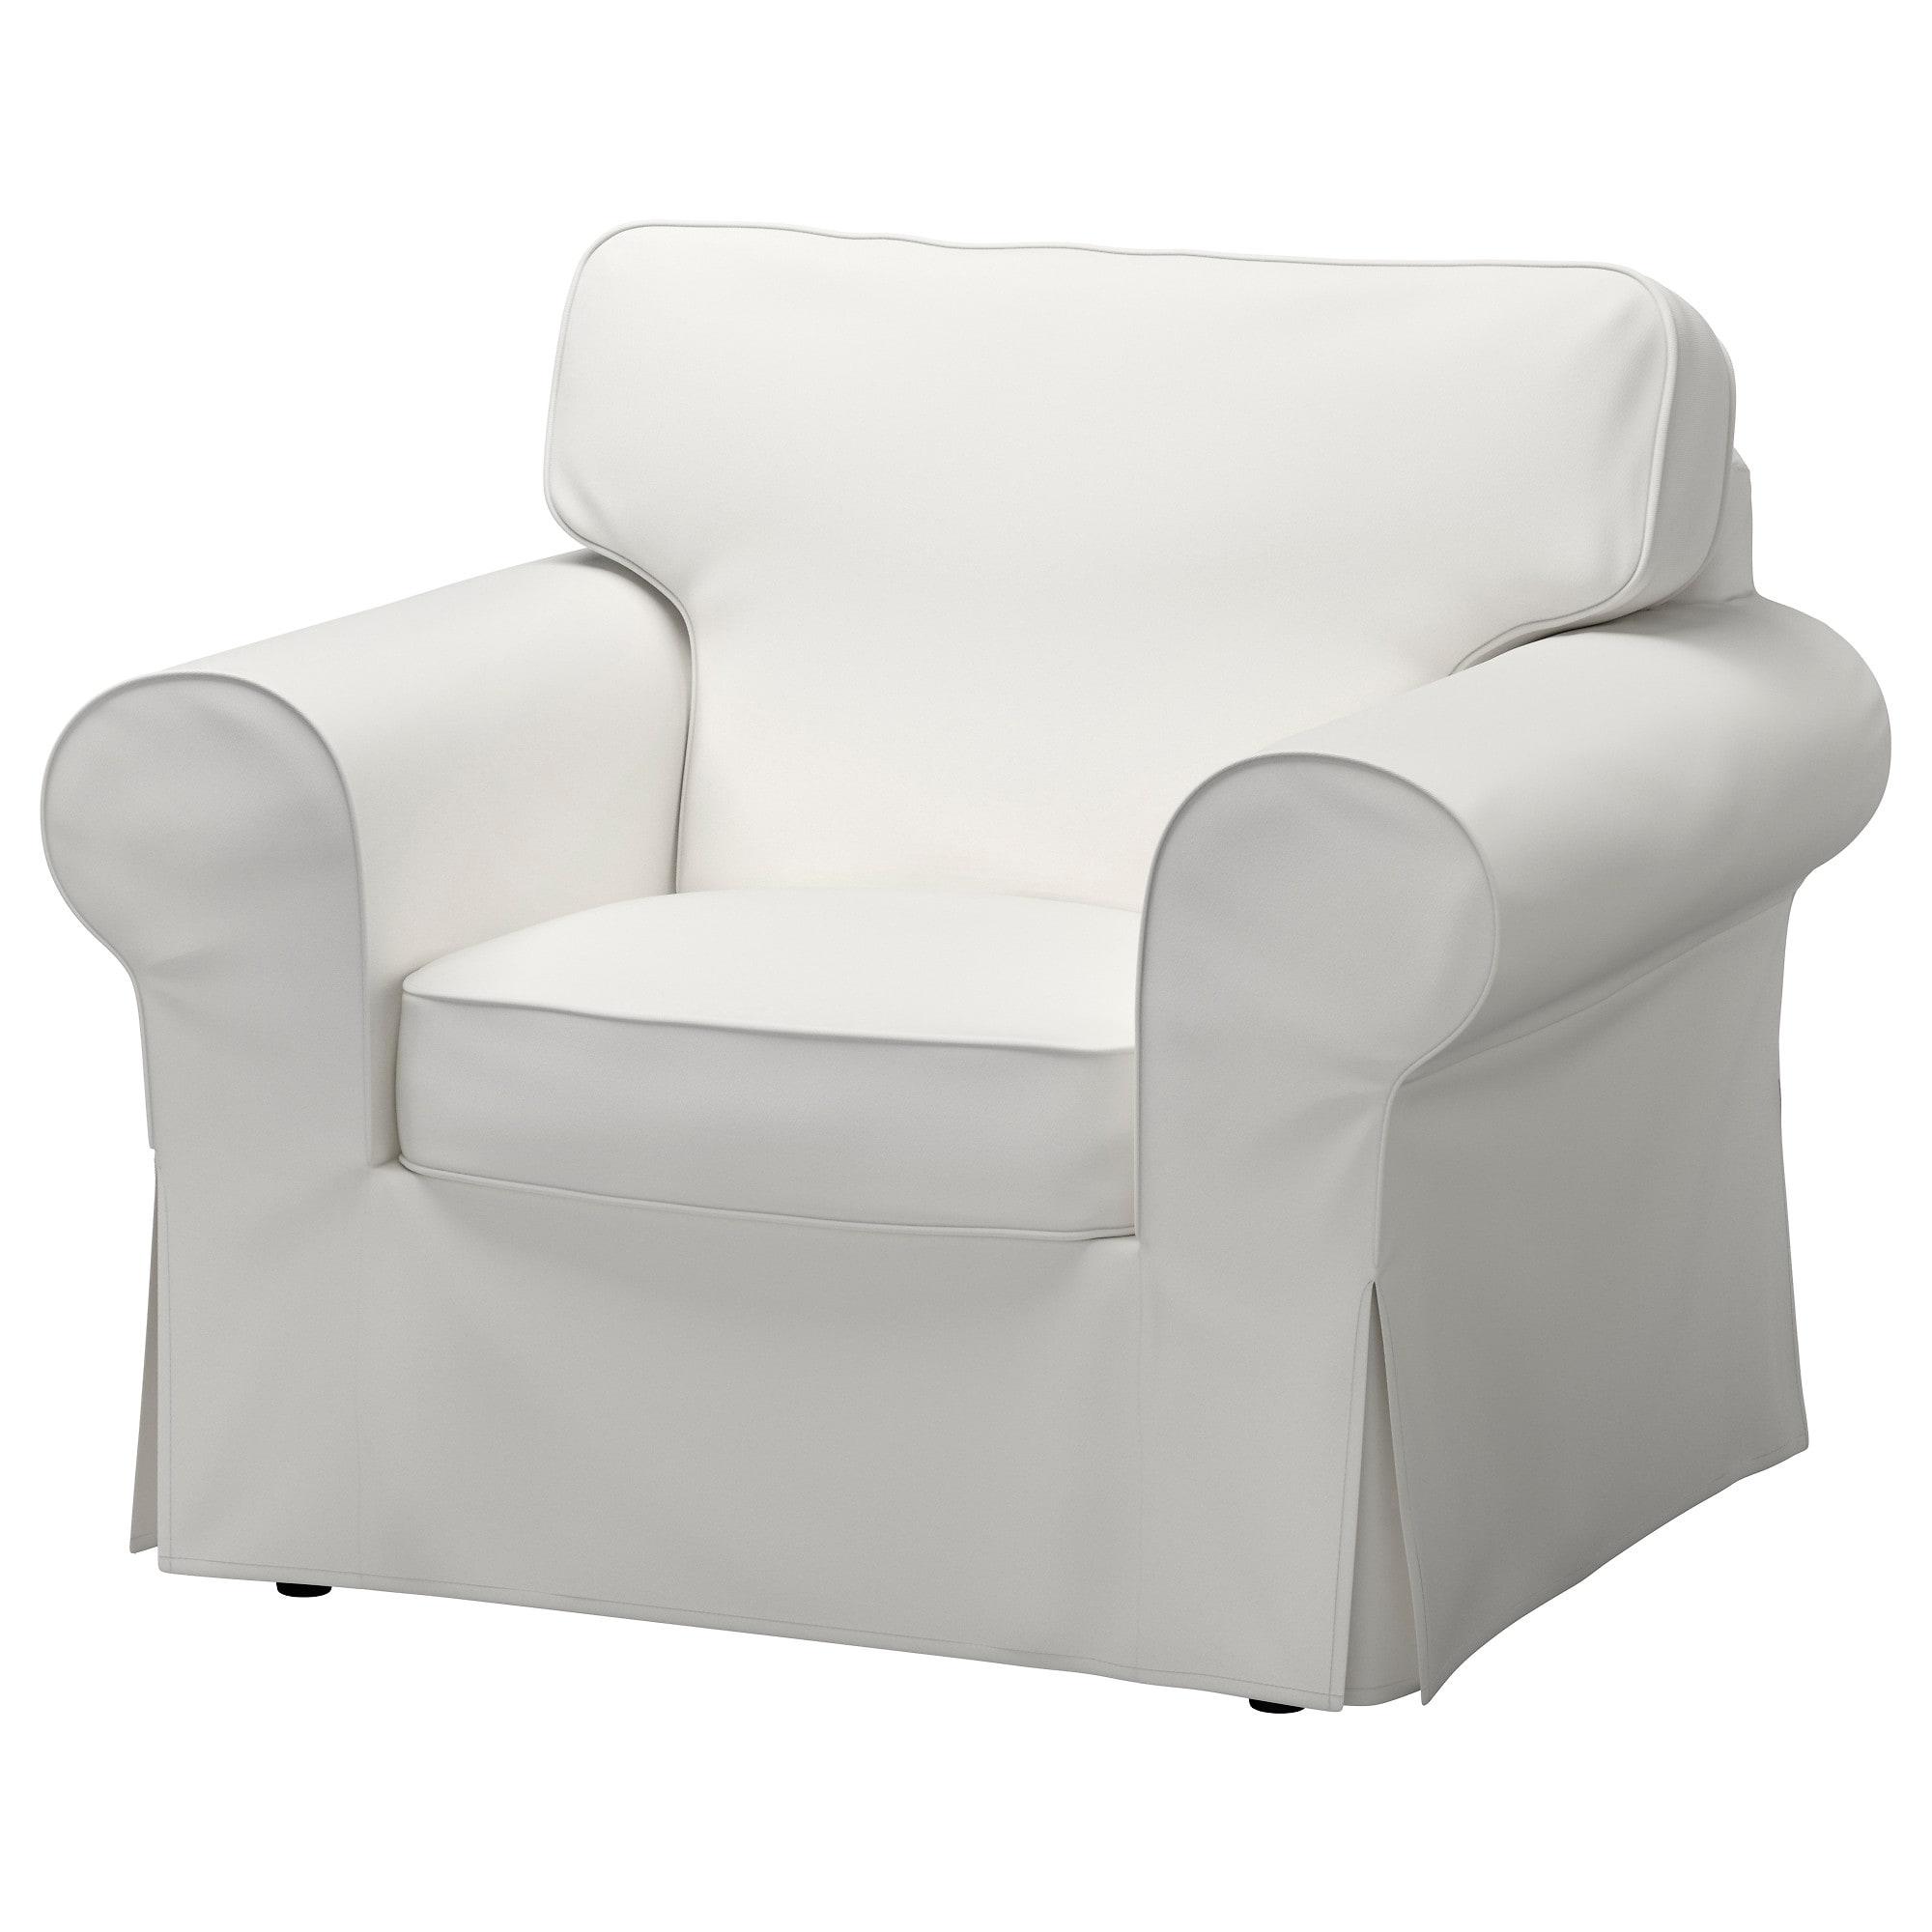 Кресло ЭКТОРП белый артикуль № 092.824.01 в наличии. Online магазин ИКЕА РБ. Недорогая доставка и установка.